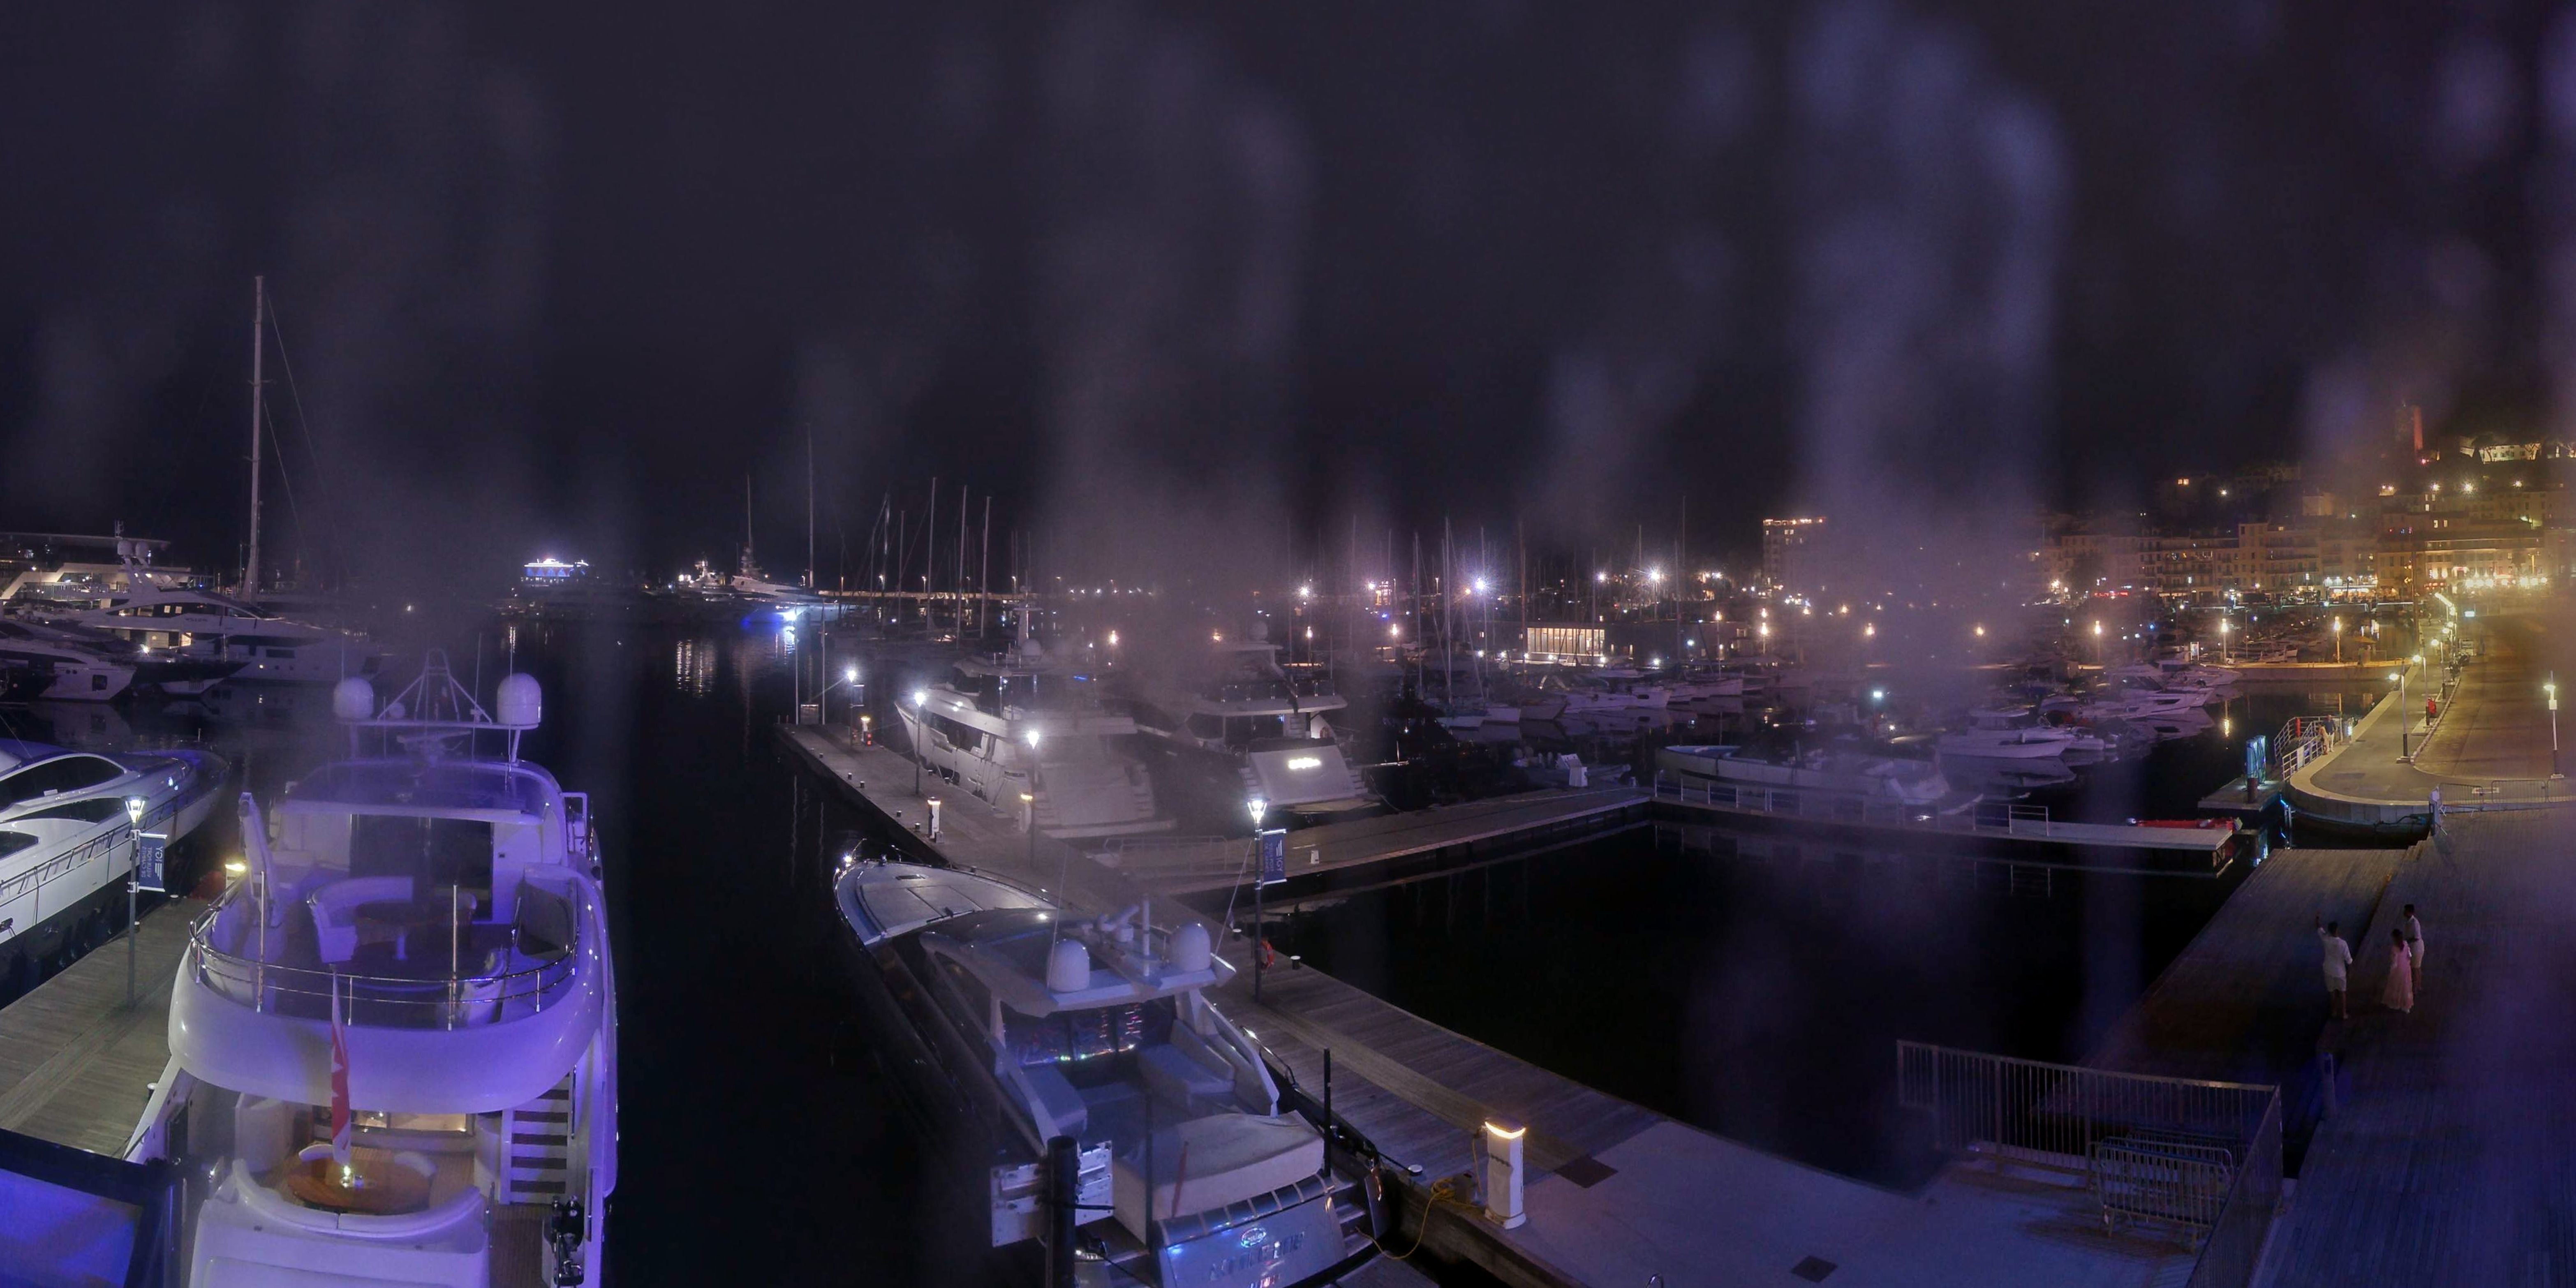 Cannes Di. 01:36